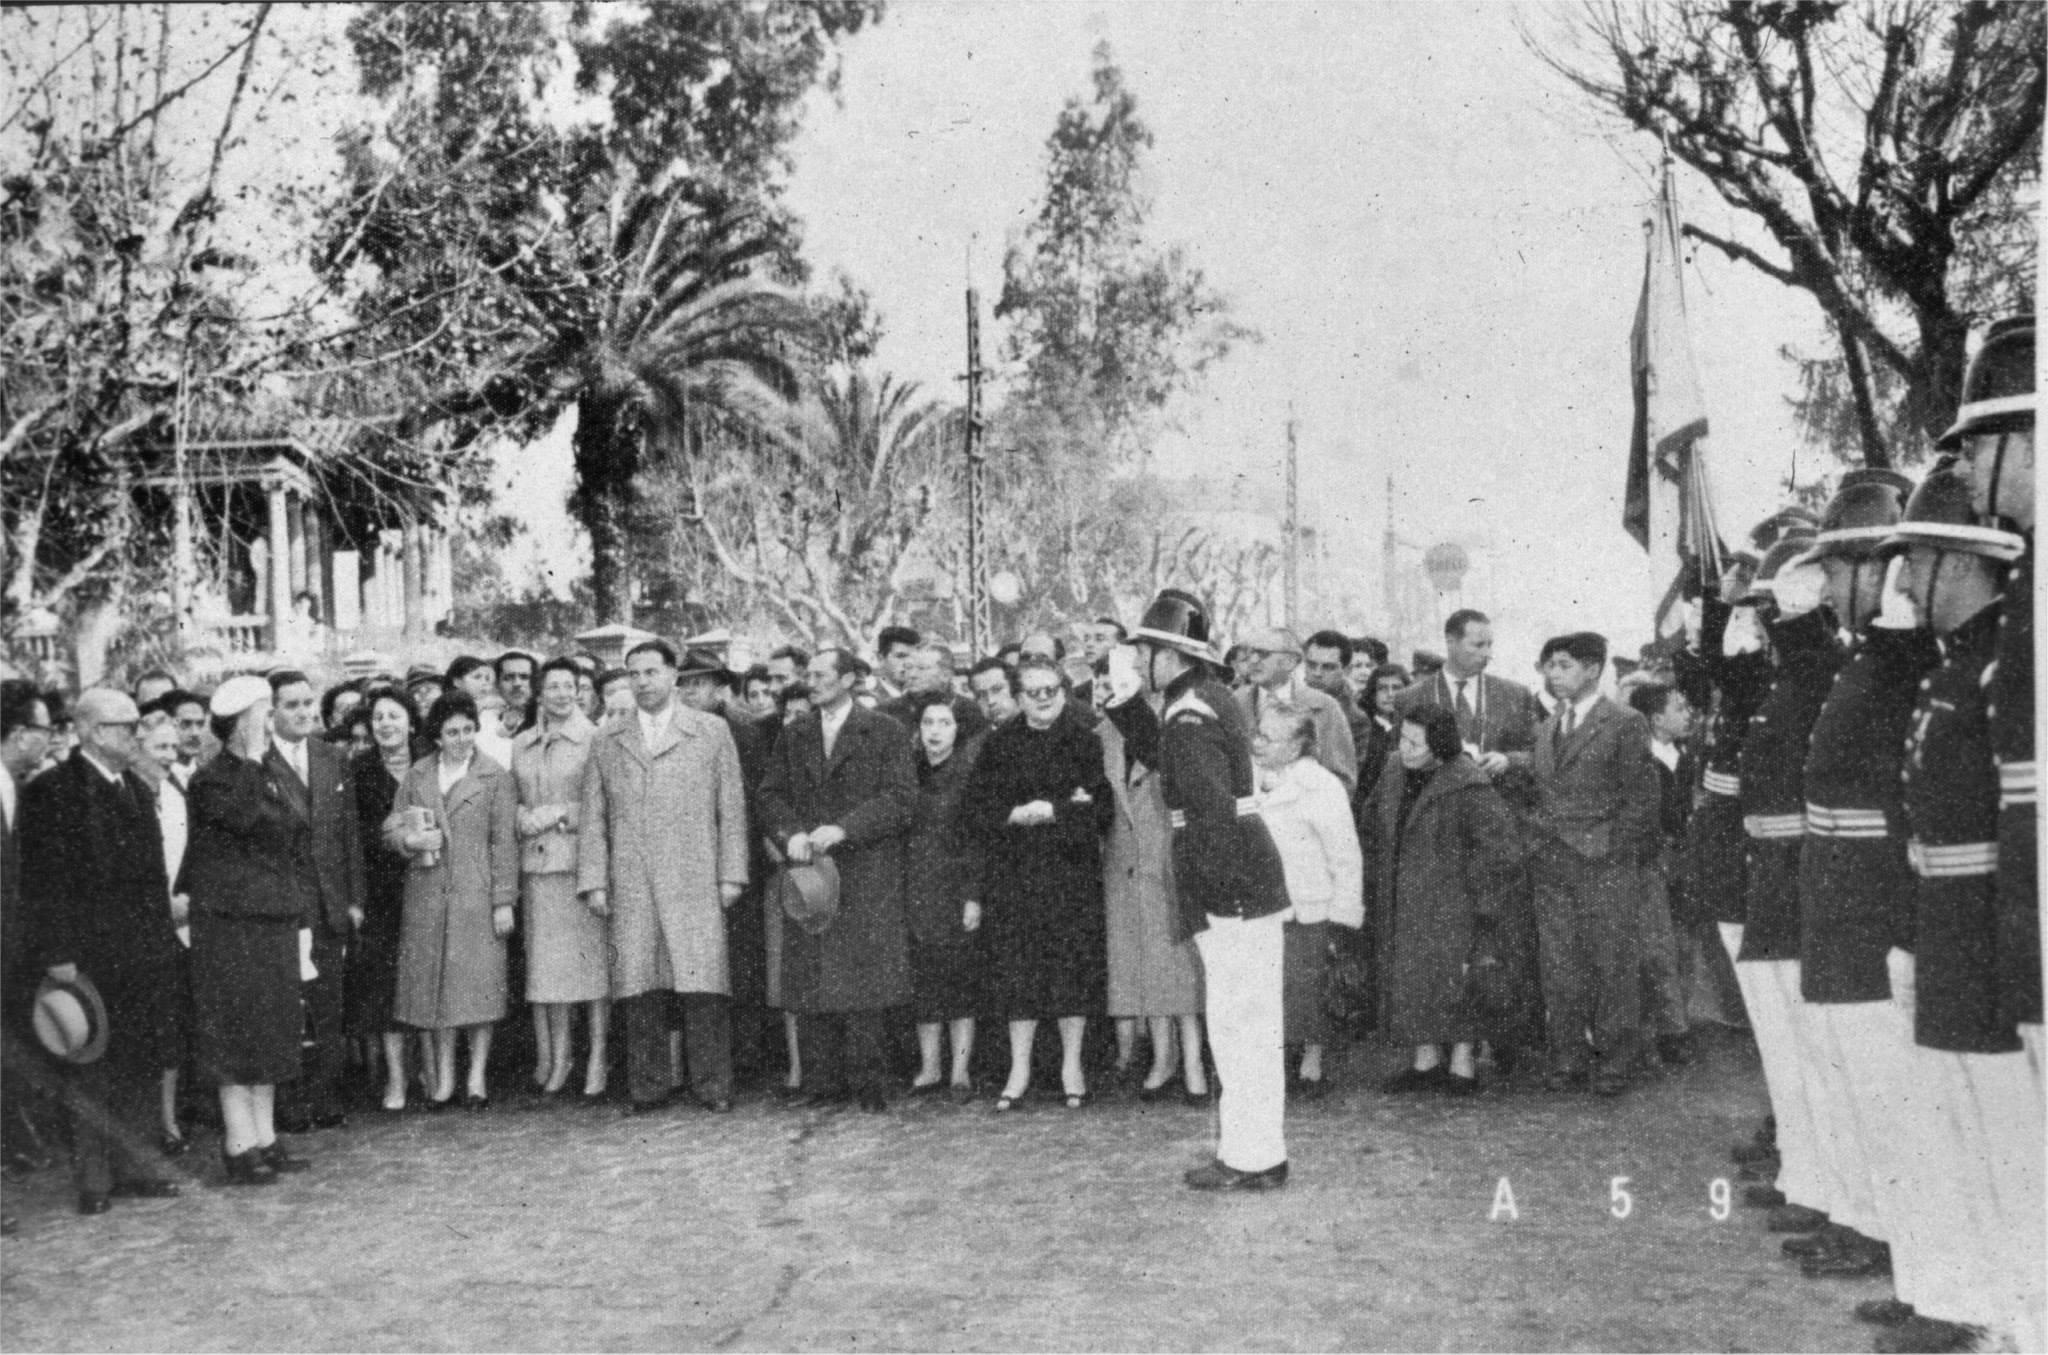 Enterreno - Fotos históricas de chile - fotos antiguas de Chile - Golda Meir en Chile, 1959